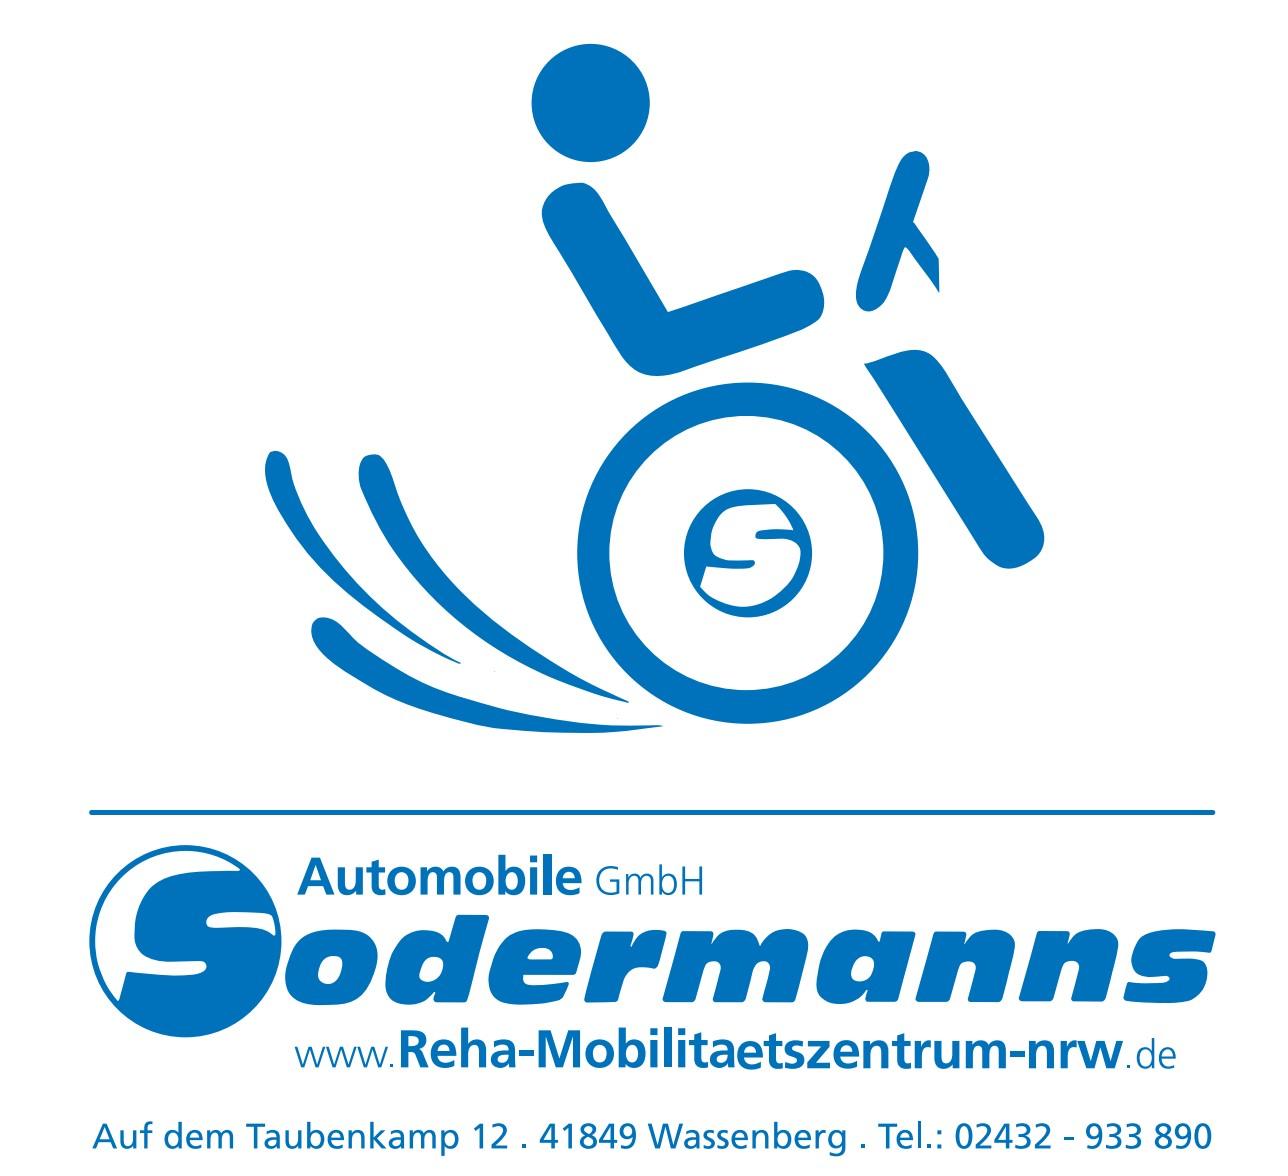 Automobile Sodermanns